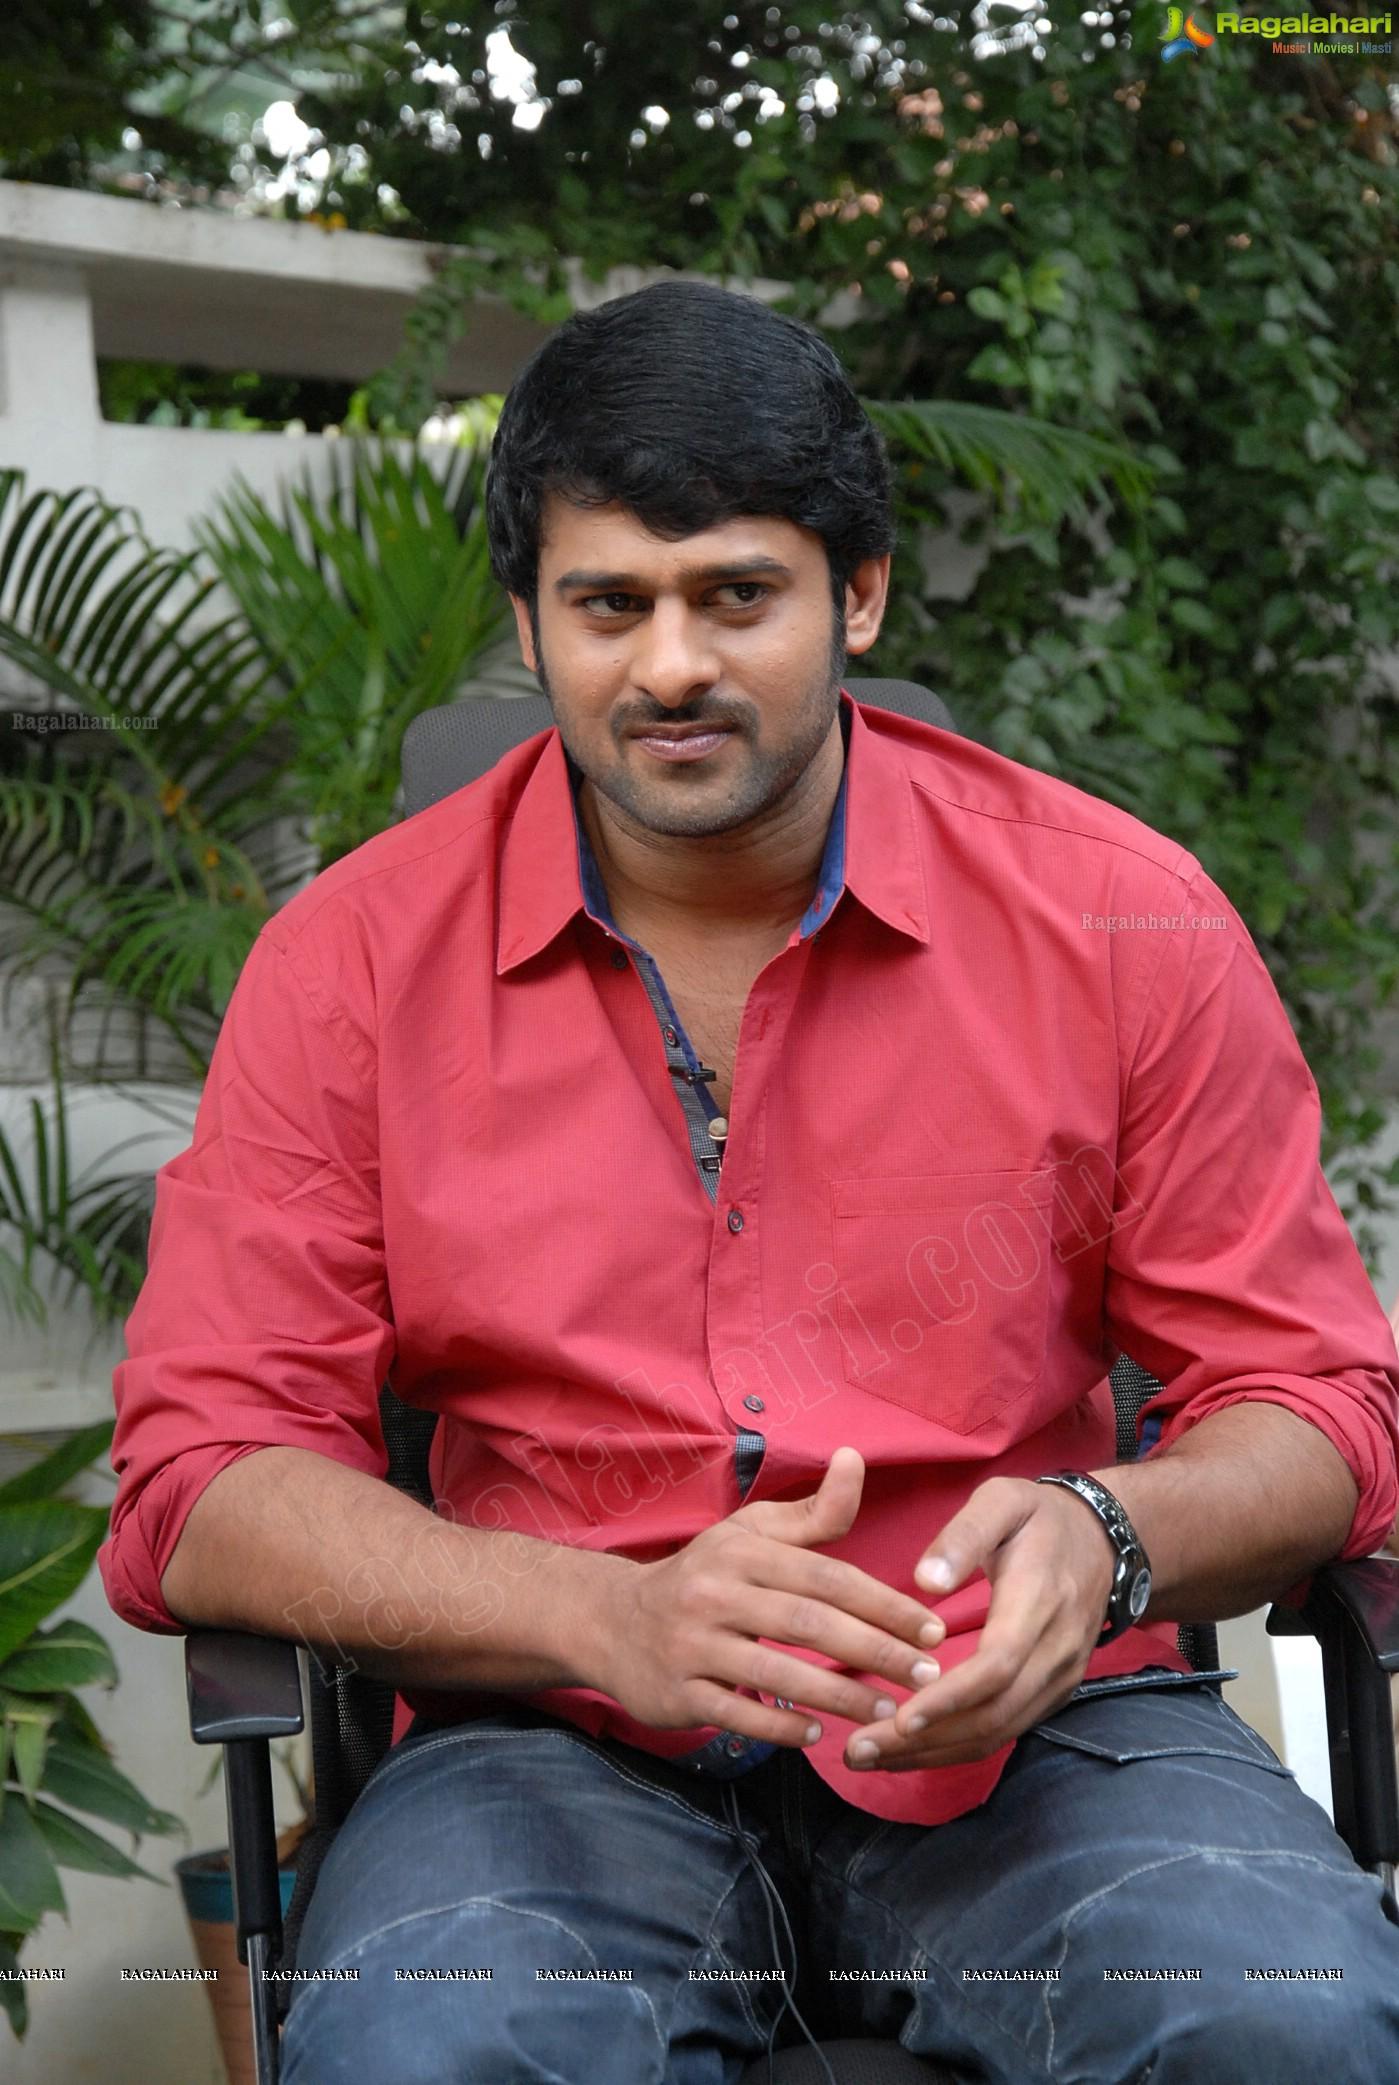 Prabhas telugu actor family photos M: Baahubali 2: The Conclustion: Rana Daggubati